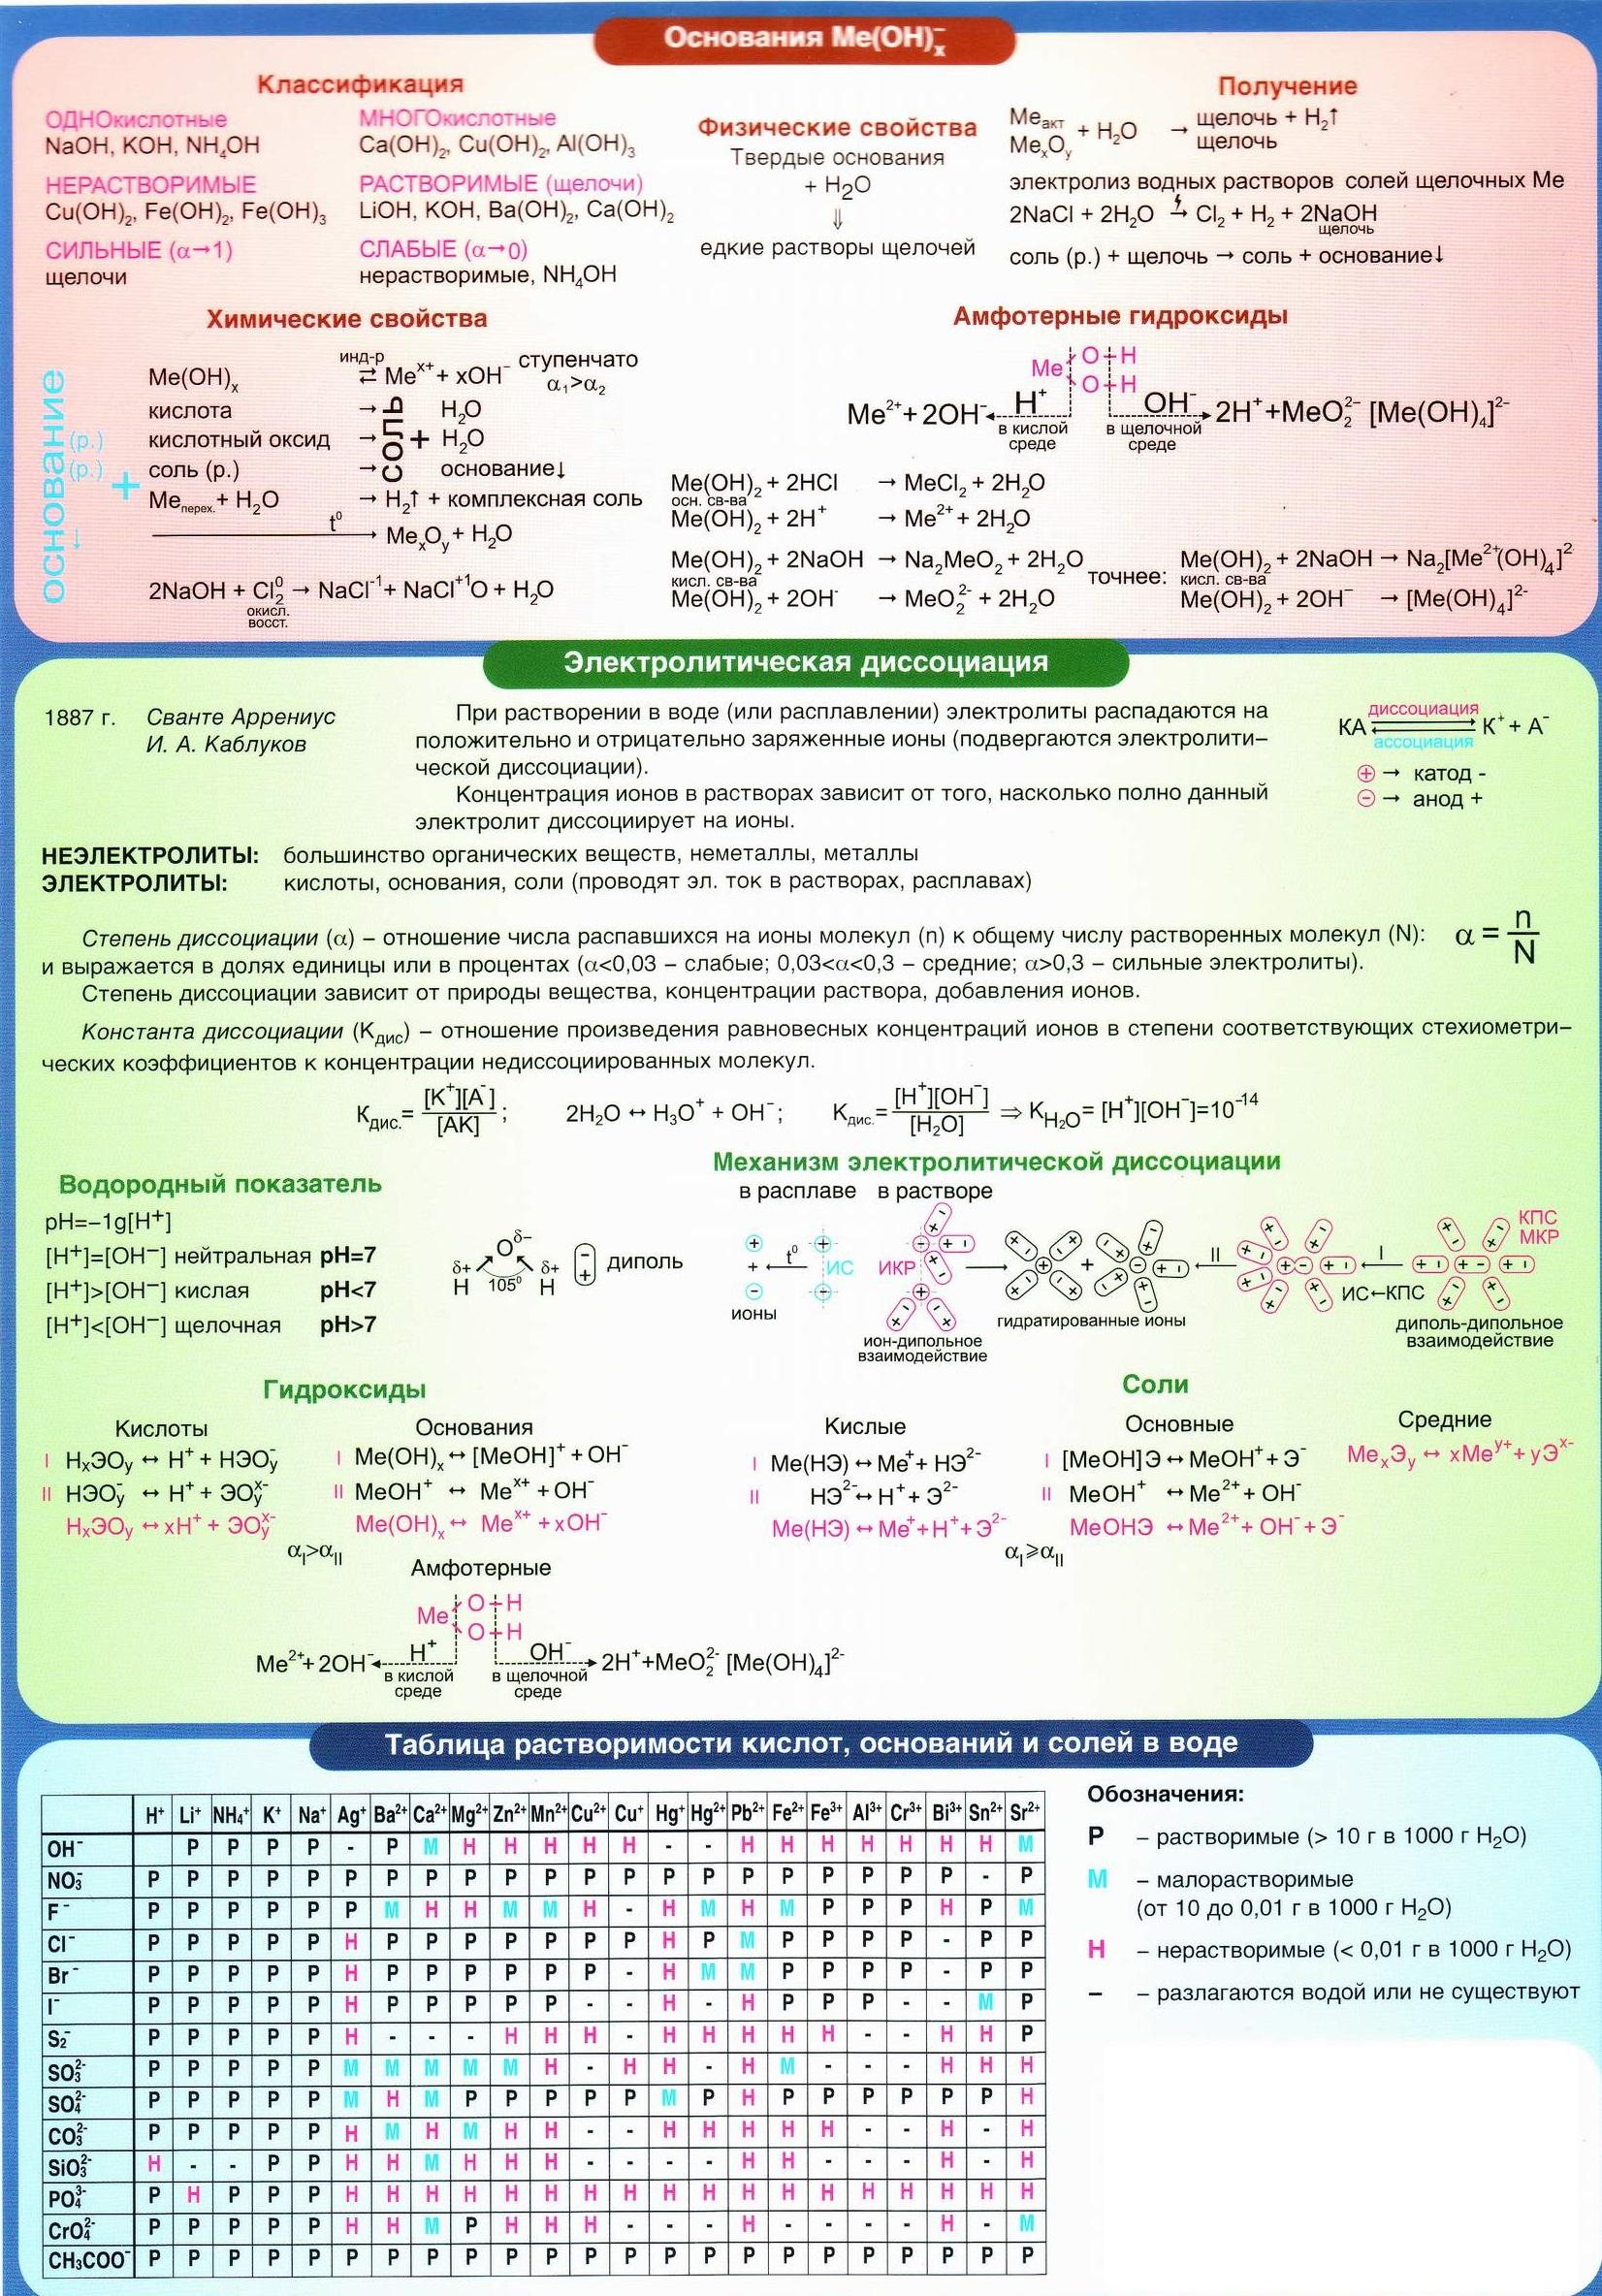 Основания. Классификация, свойства, получение. Электролитическая диссоциация. Таблица растворимости кислот, оснований и солей.